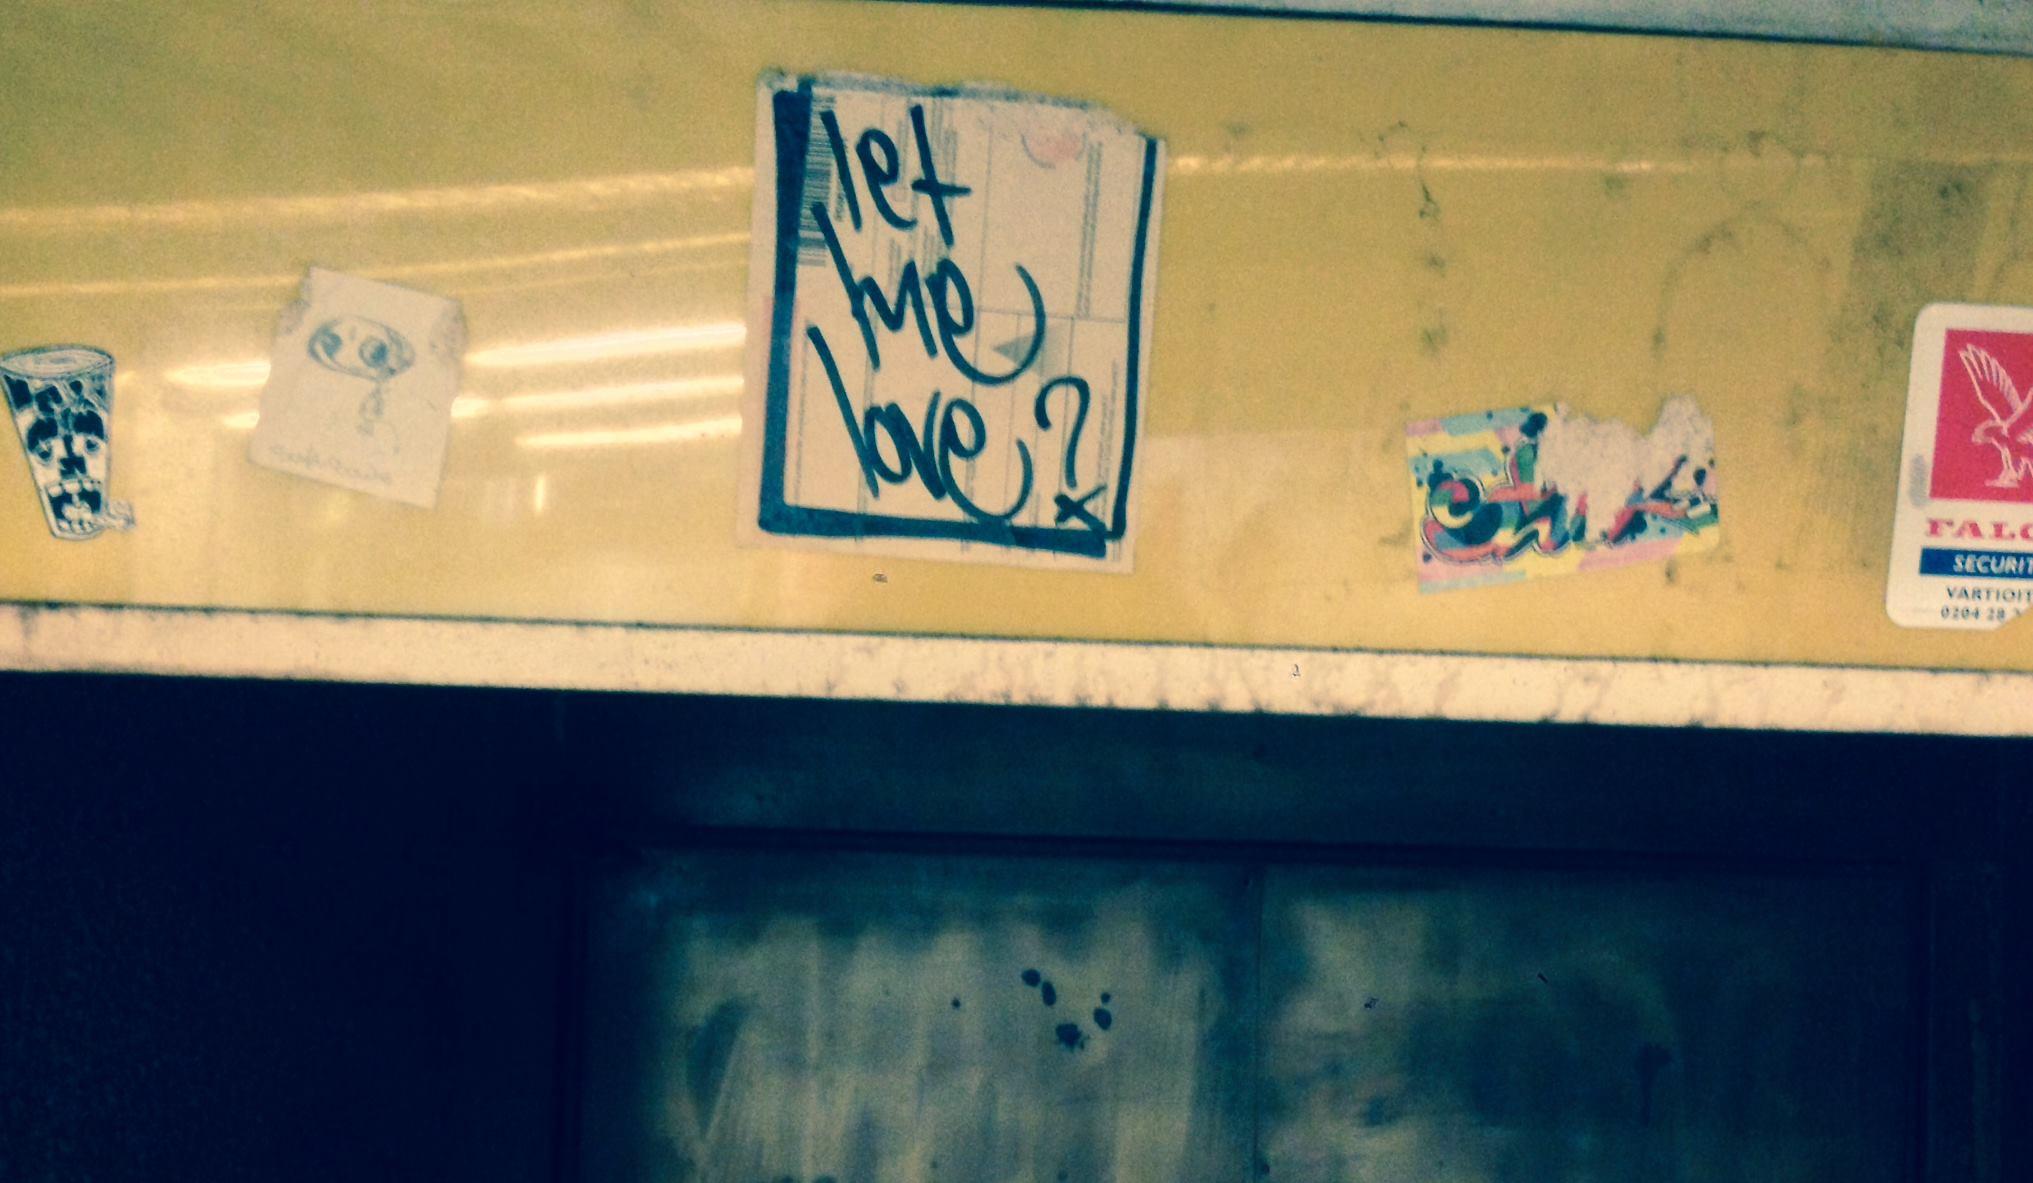 Let Me Love -tarrat ovat ehkä kaikkien aikojen tunnetuimpia tarroja Helsingissä. 2000-luvun alun tarrabuumin aikoihin pontevasti liimailtuja tarroja näkyi katukuvassa runsaasti ja yhä edelleen niitä voi löytää, jos osaa katsoa ja käy hieman säkä. Vartiointiliikkeen ja poliisien ronskit otteet ja tarroja liimanneiden henkilöiden pidätykset poikivat julkista keskustelua, johon osallistui